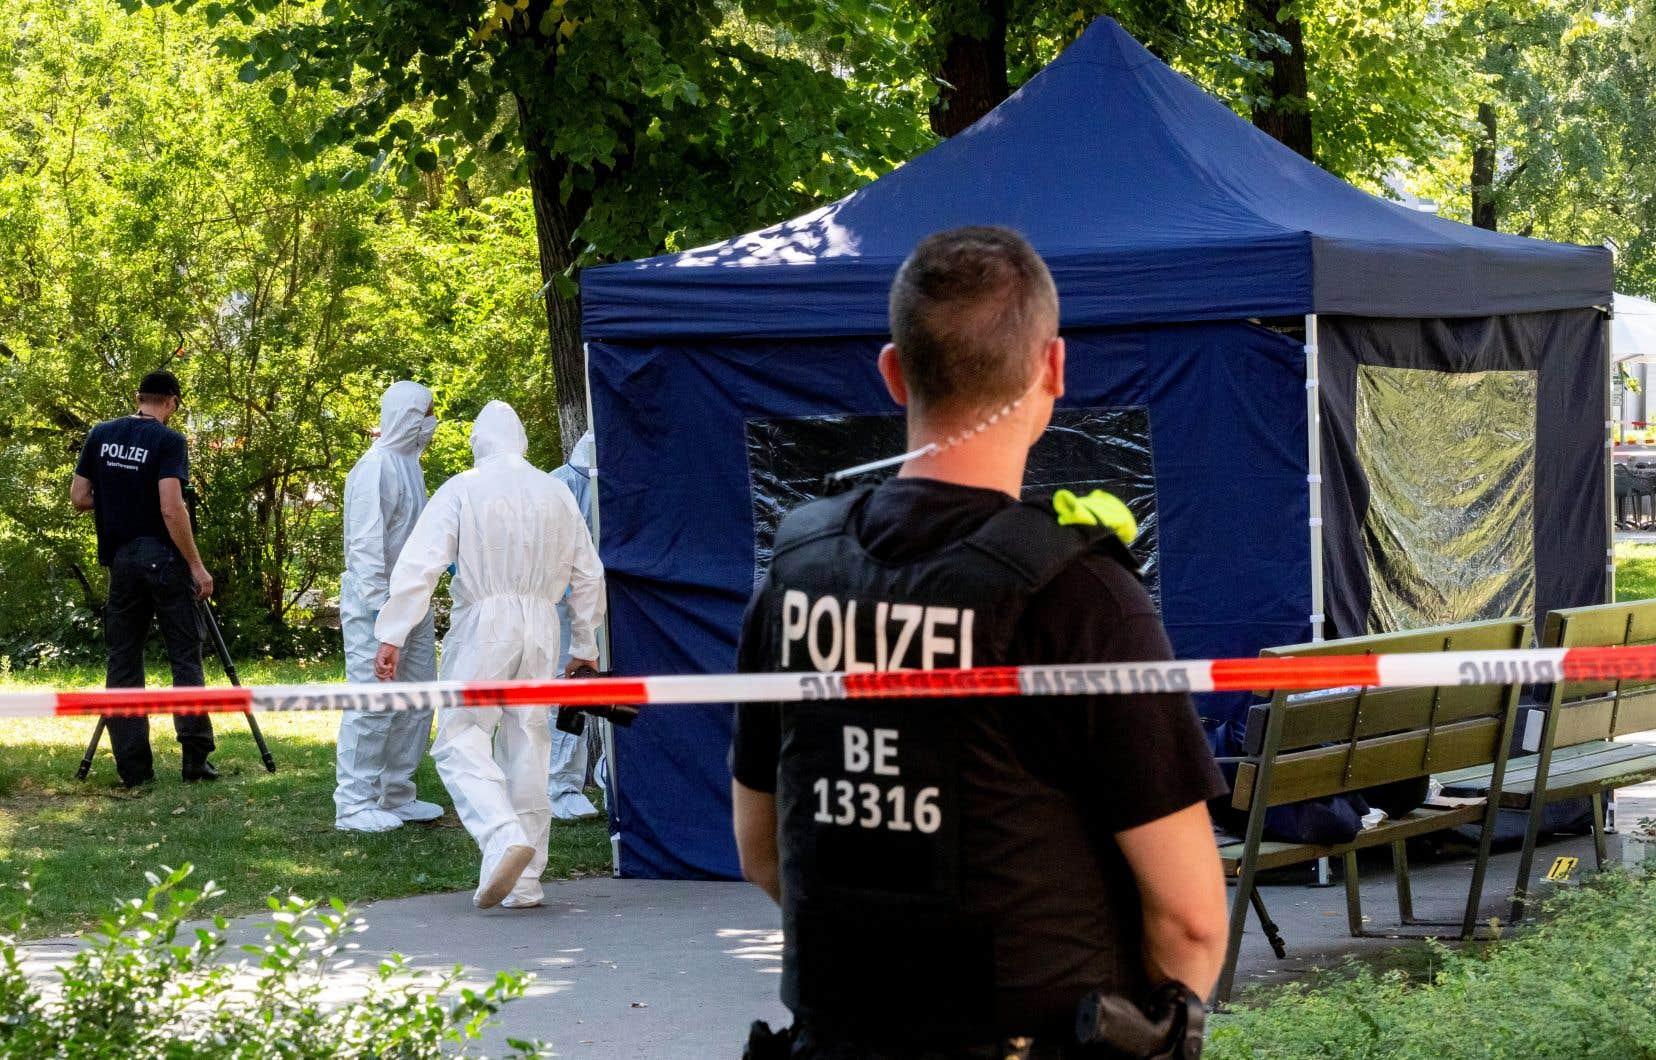 Tornike Kavtarashvilim, un Géorgien issu de la minorité tchétchène du pays, avait été tué de trois balles par une arme avec silencieux le 23août 2019, en plein jour dans ce parc du centre de Berlin.